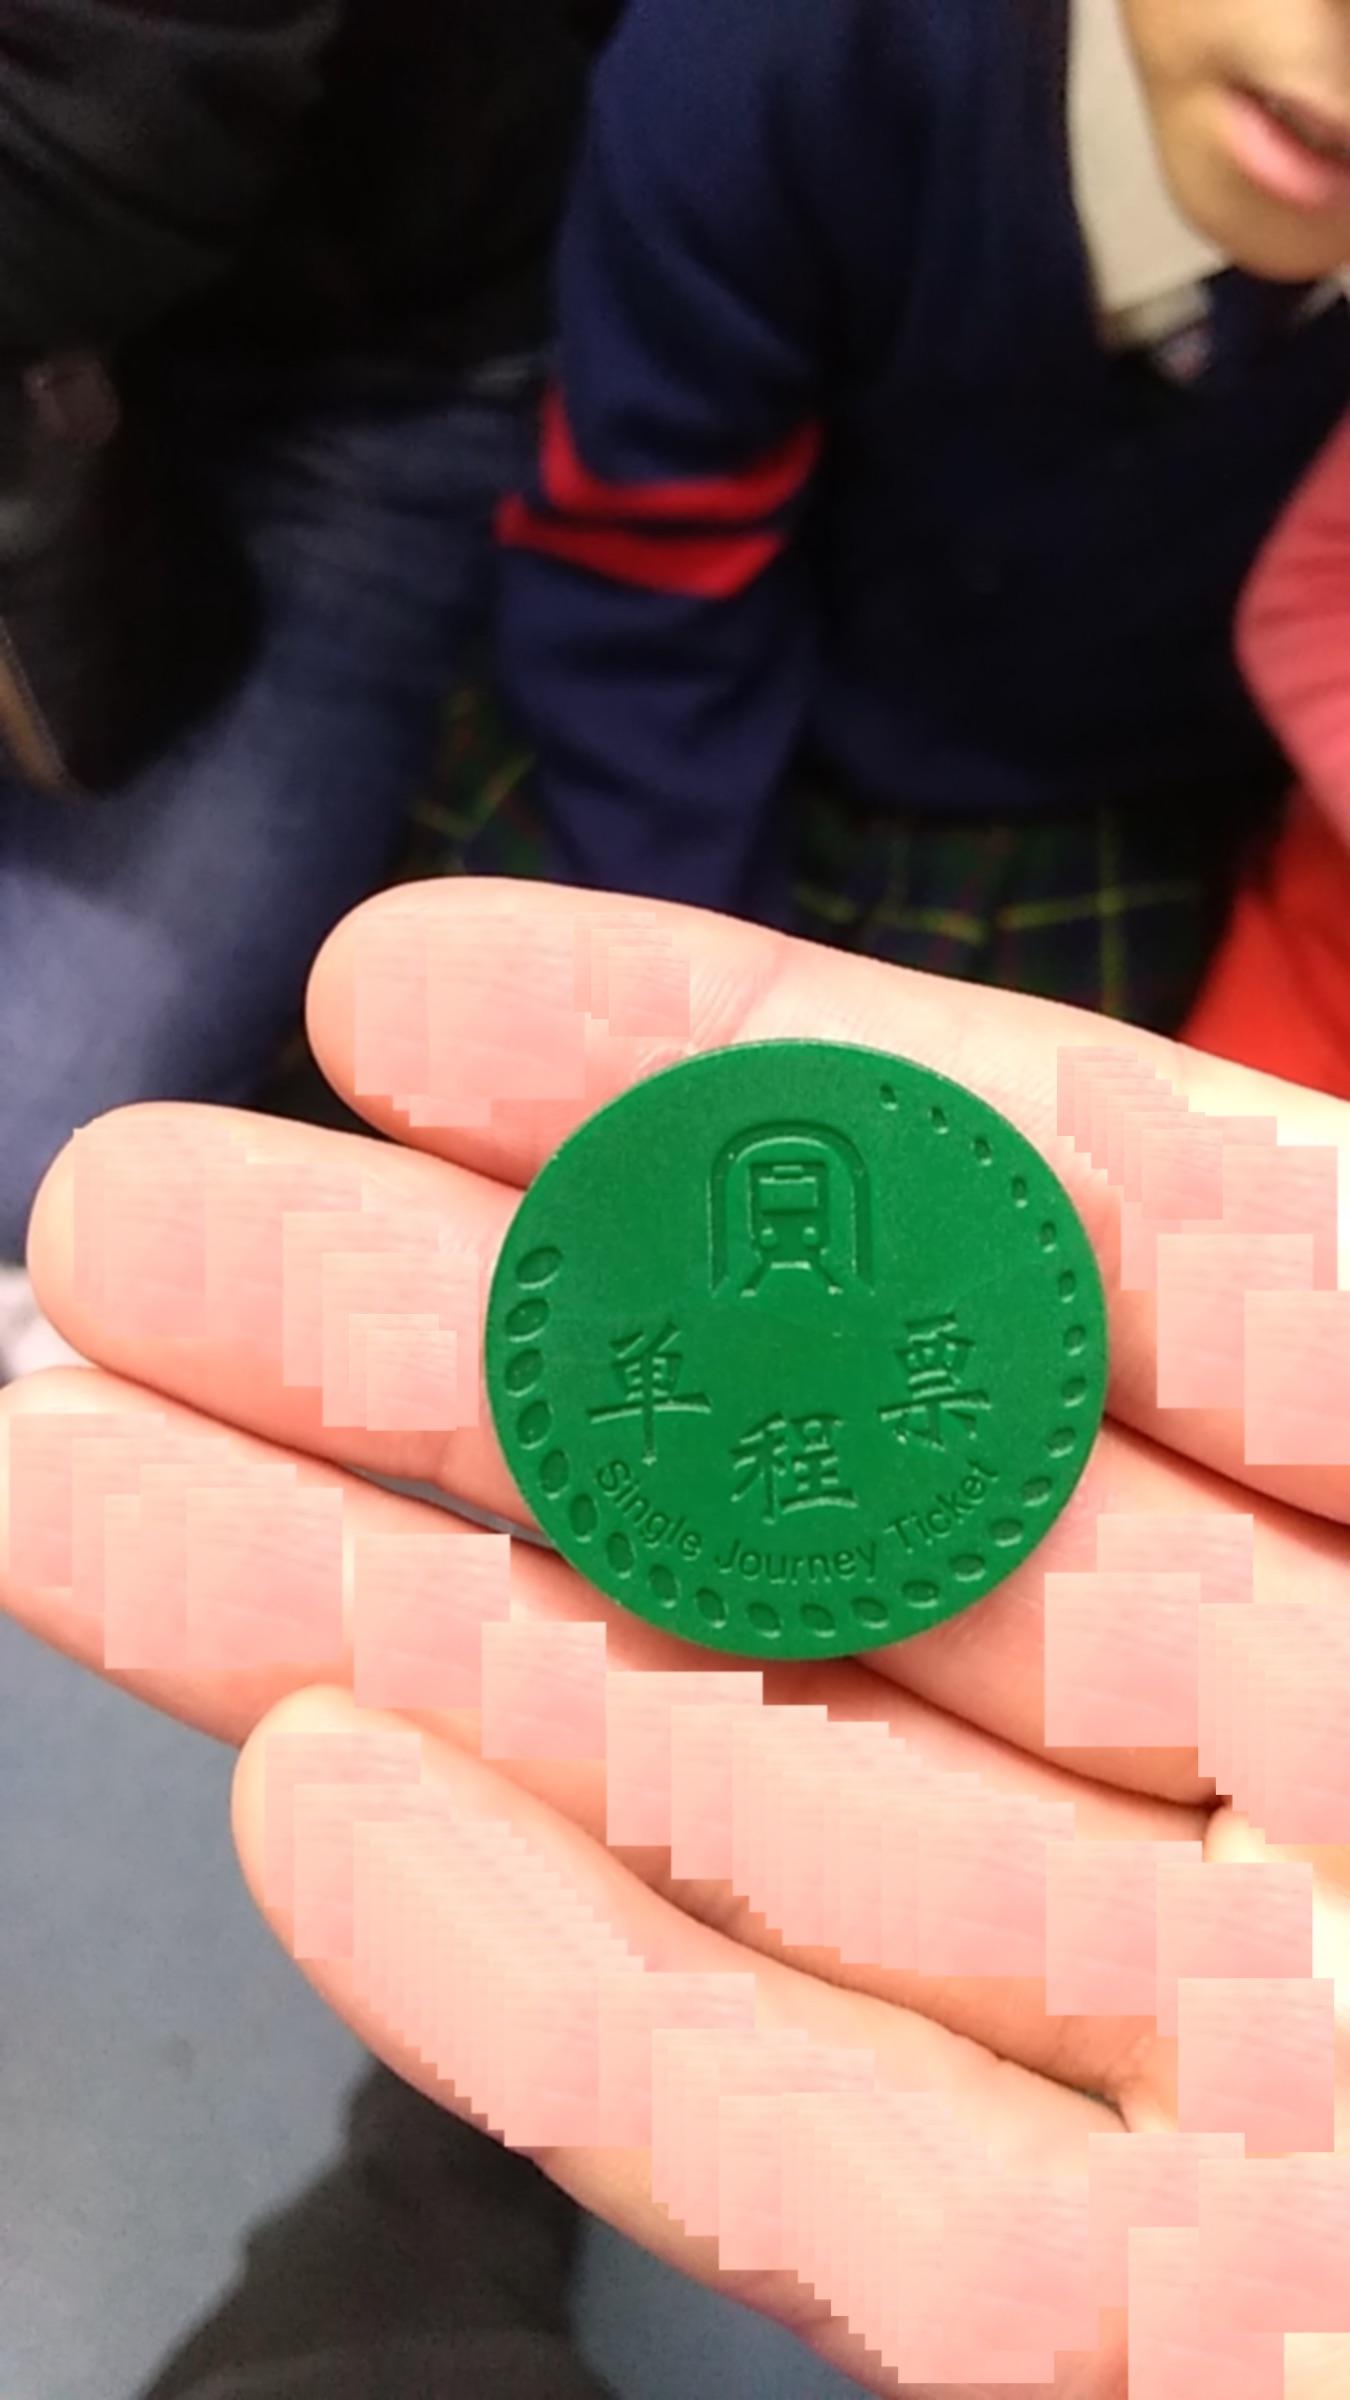 中国 深センの地下鉄のチケット ICチップ入りの樹脂製コイン_[0]